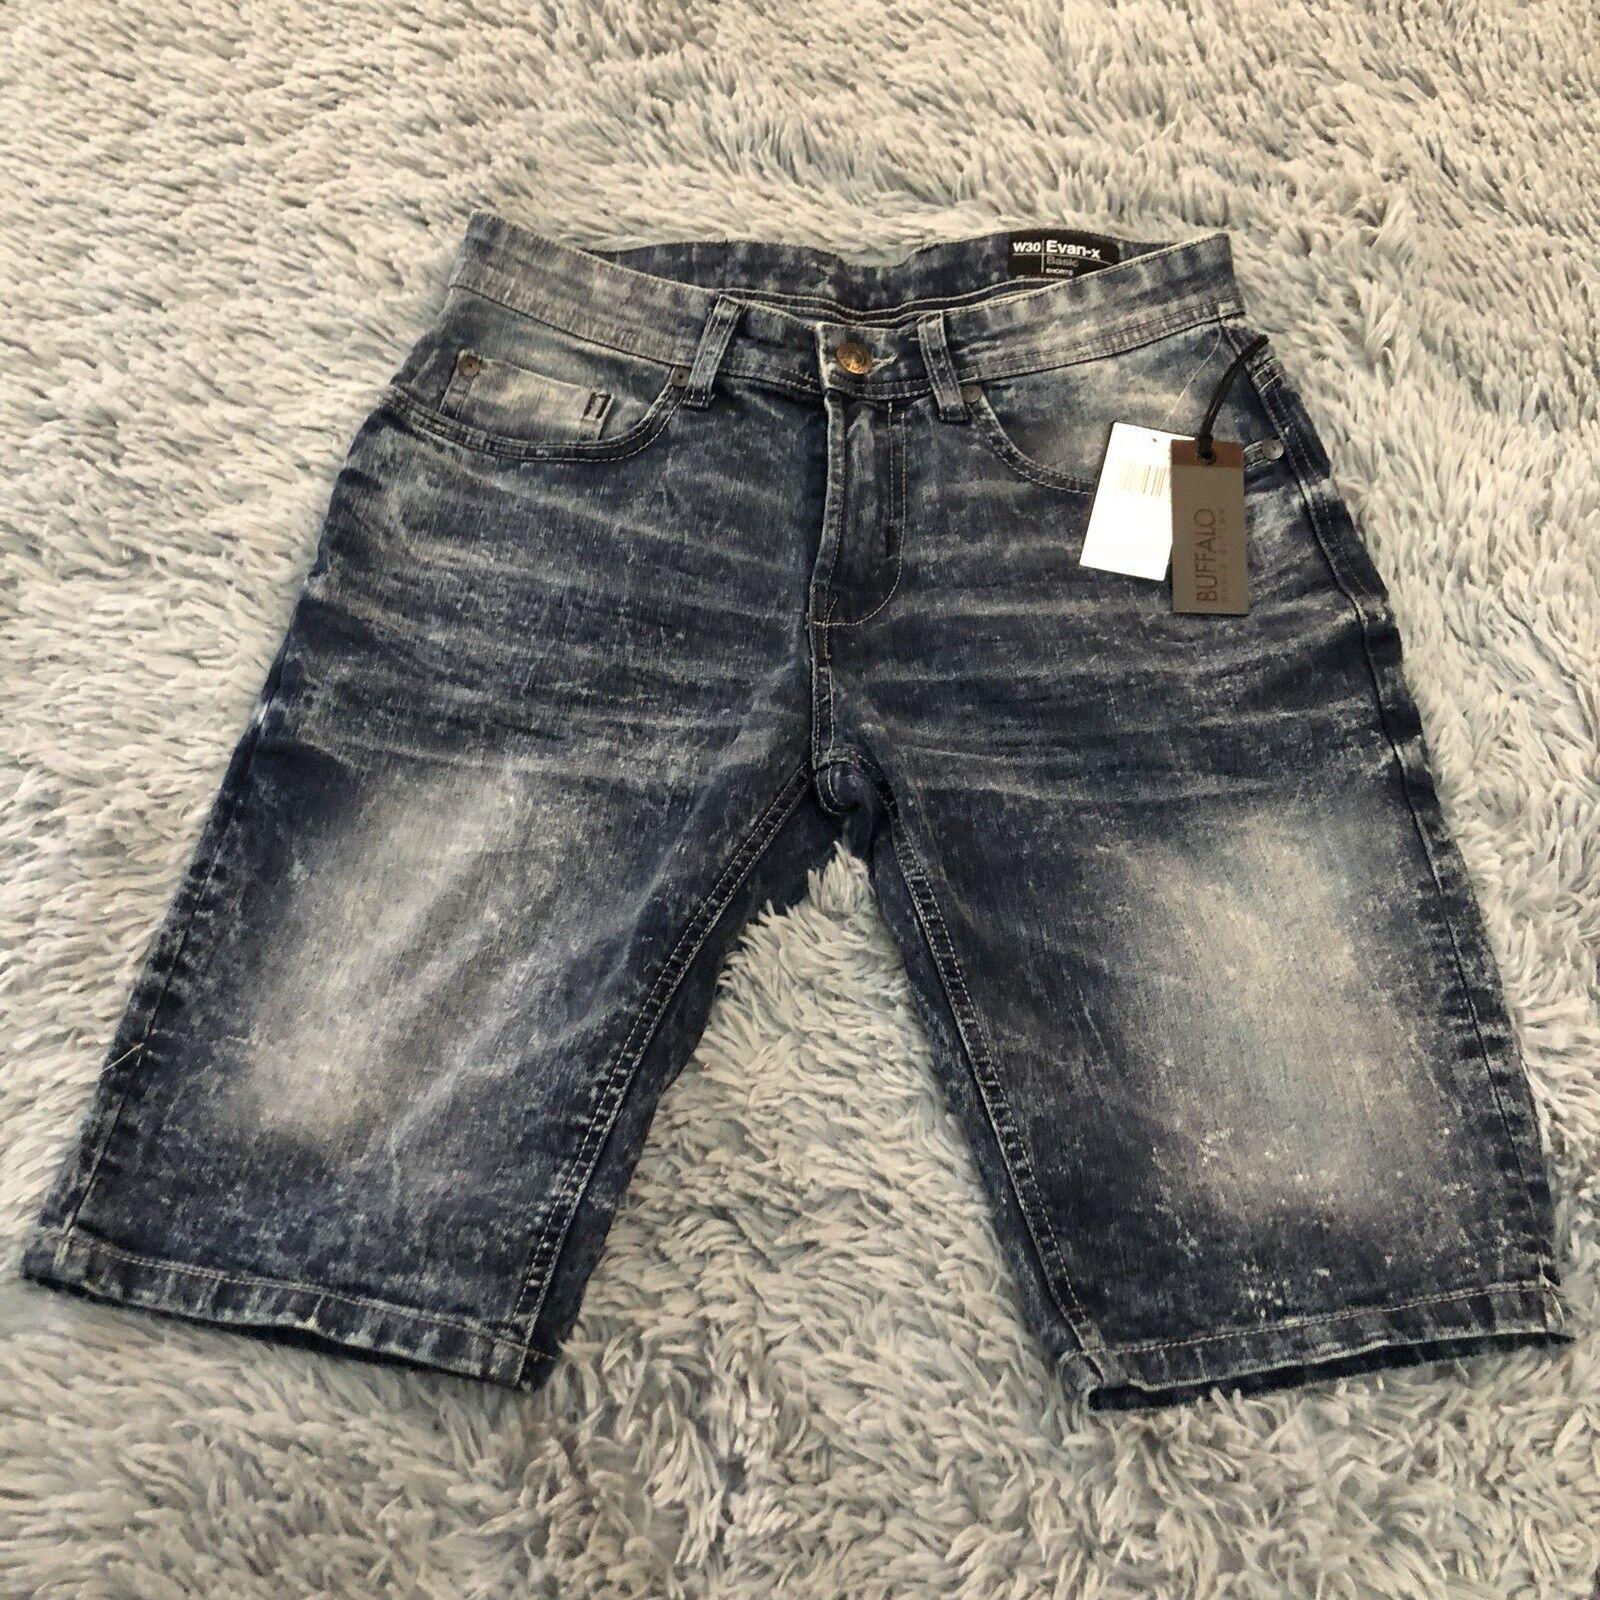 Buffalo David Bitton   Evan-X bluee Denim Shorts   Sz 30